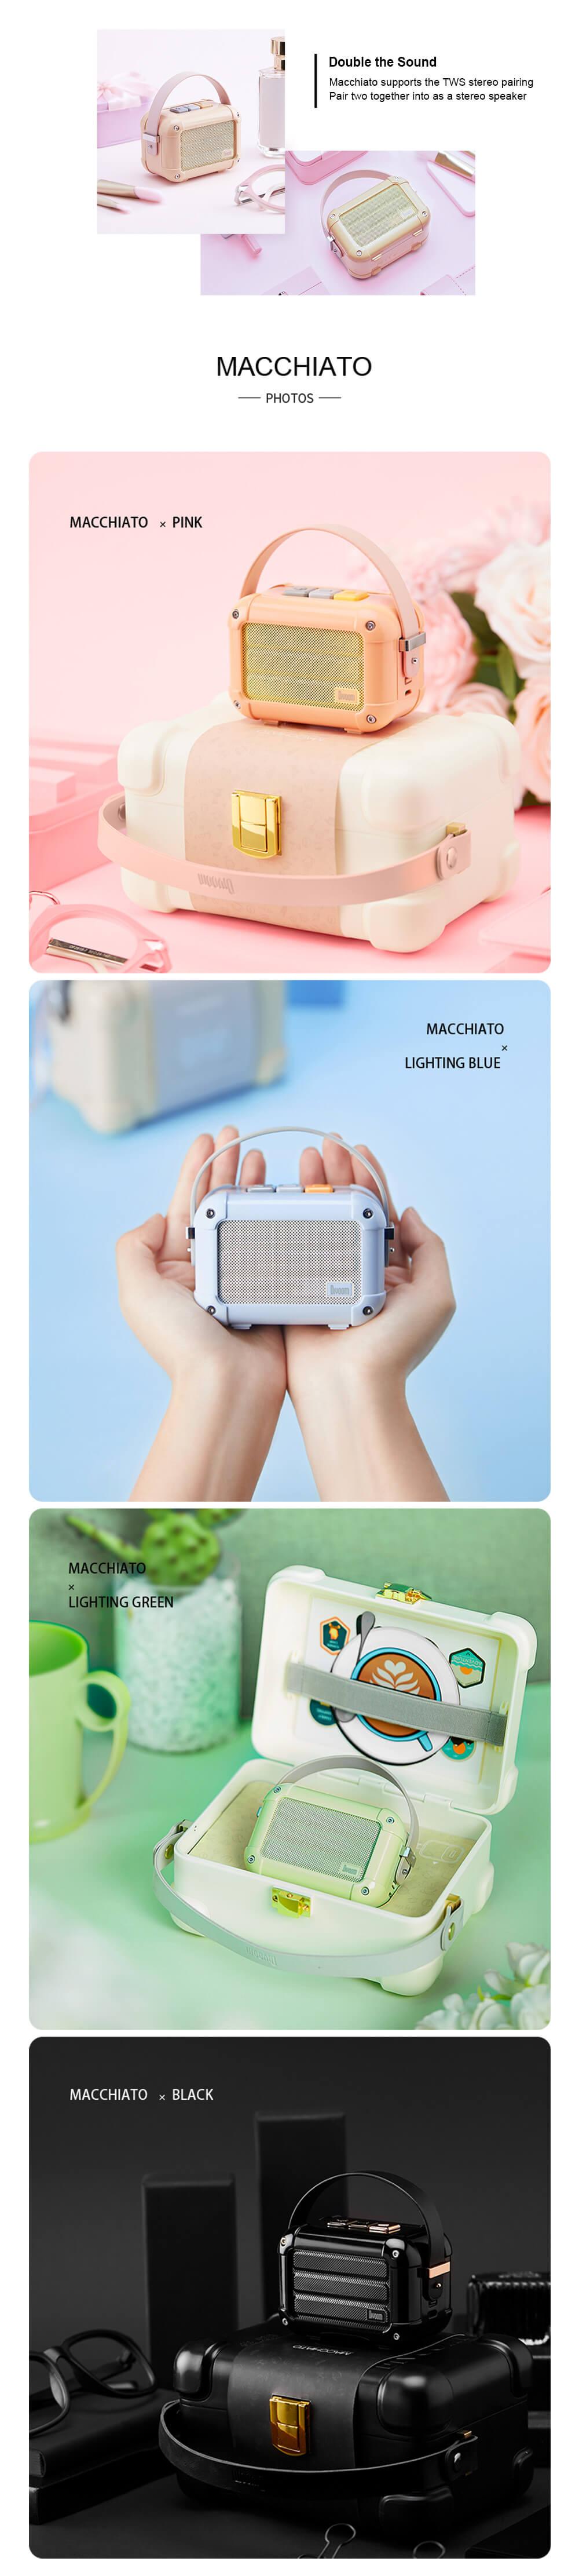 macchiato-web-design-land_03